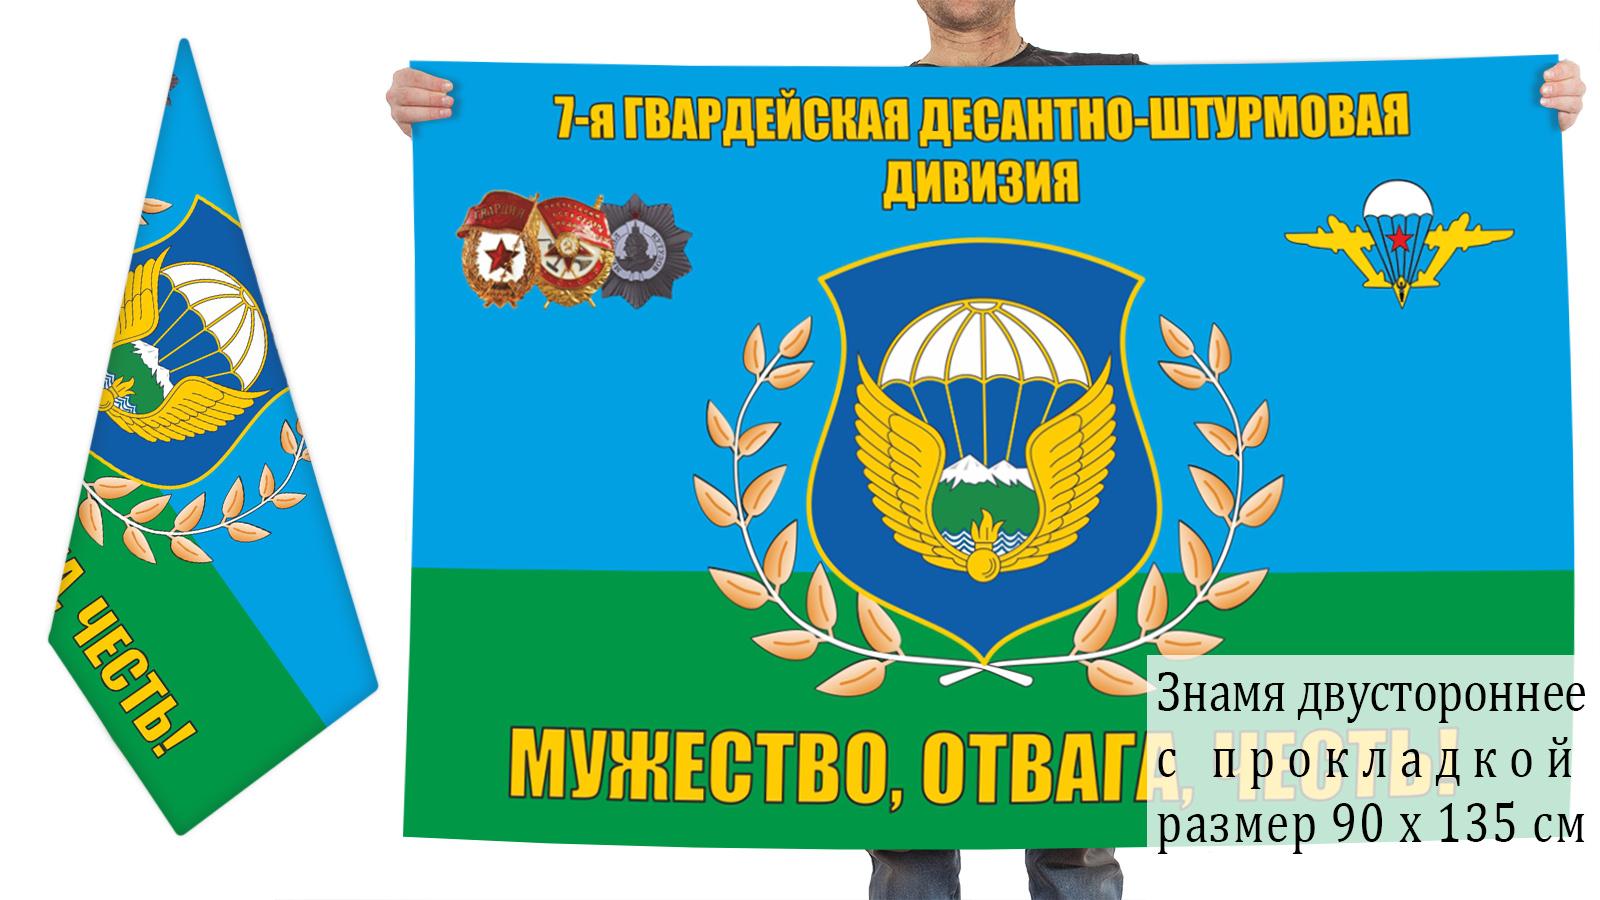 Двусторонний флаг 7 гвардейской десантно-штурмовой дивизии